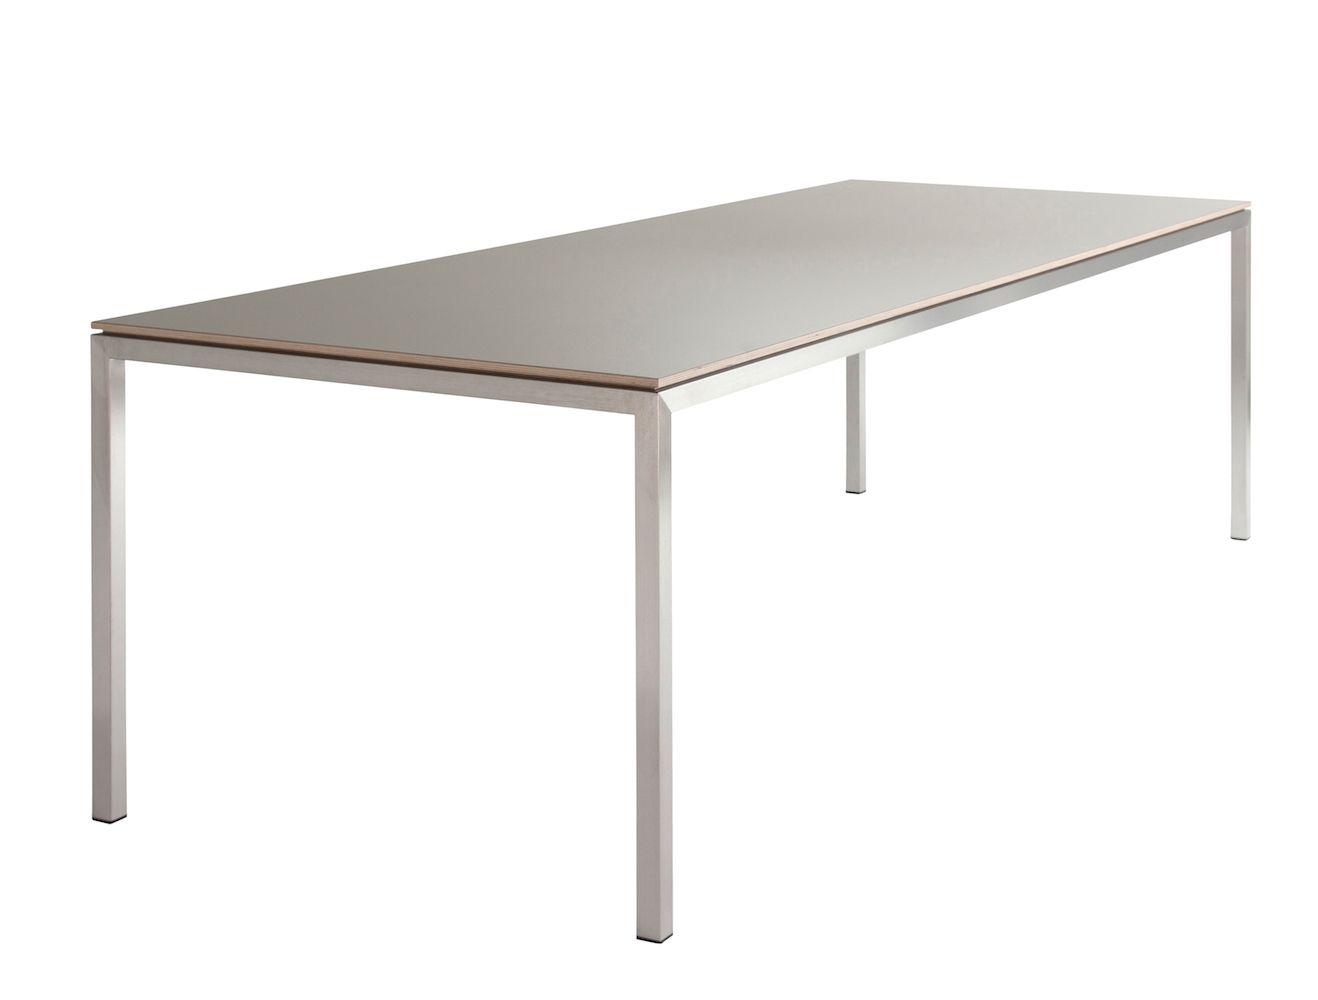 Stevige Side Table.Slanke En Toch Stevige Multifunctionele Rechthoekige Tafel